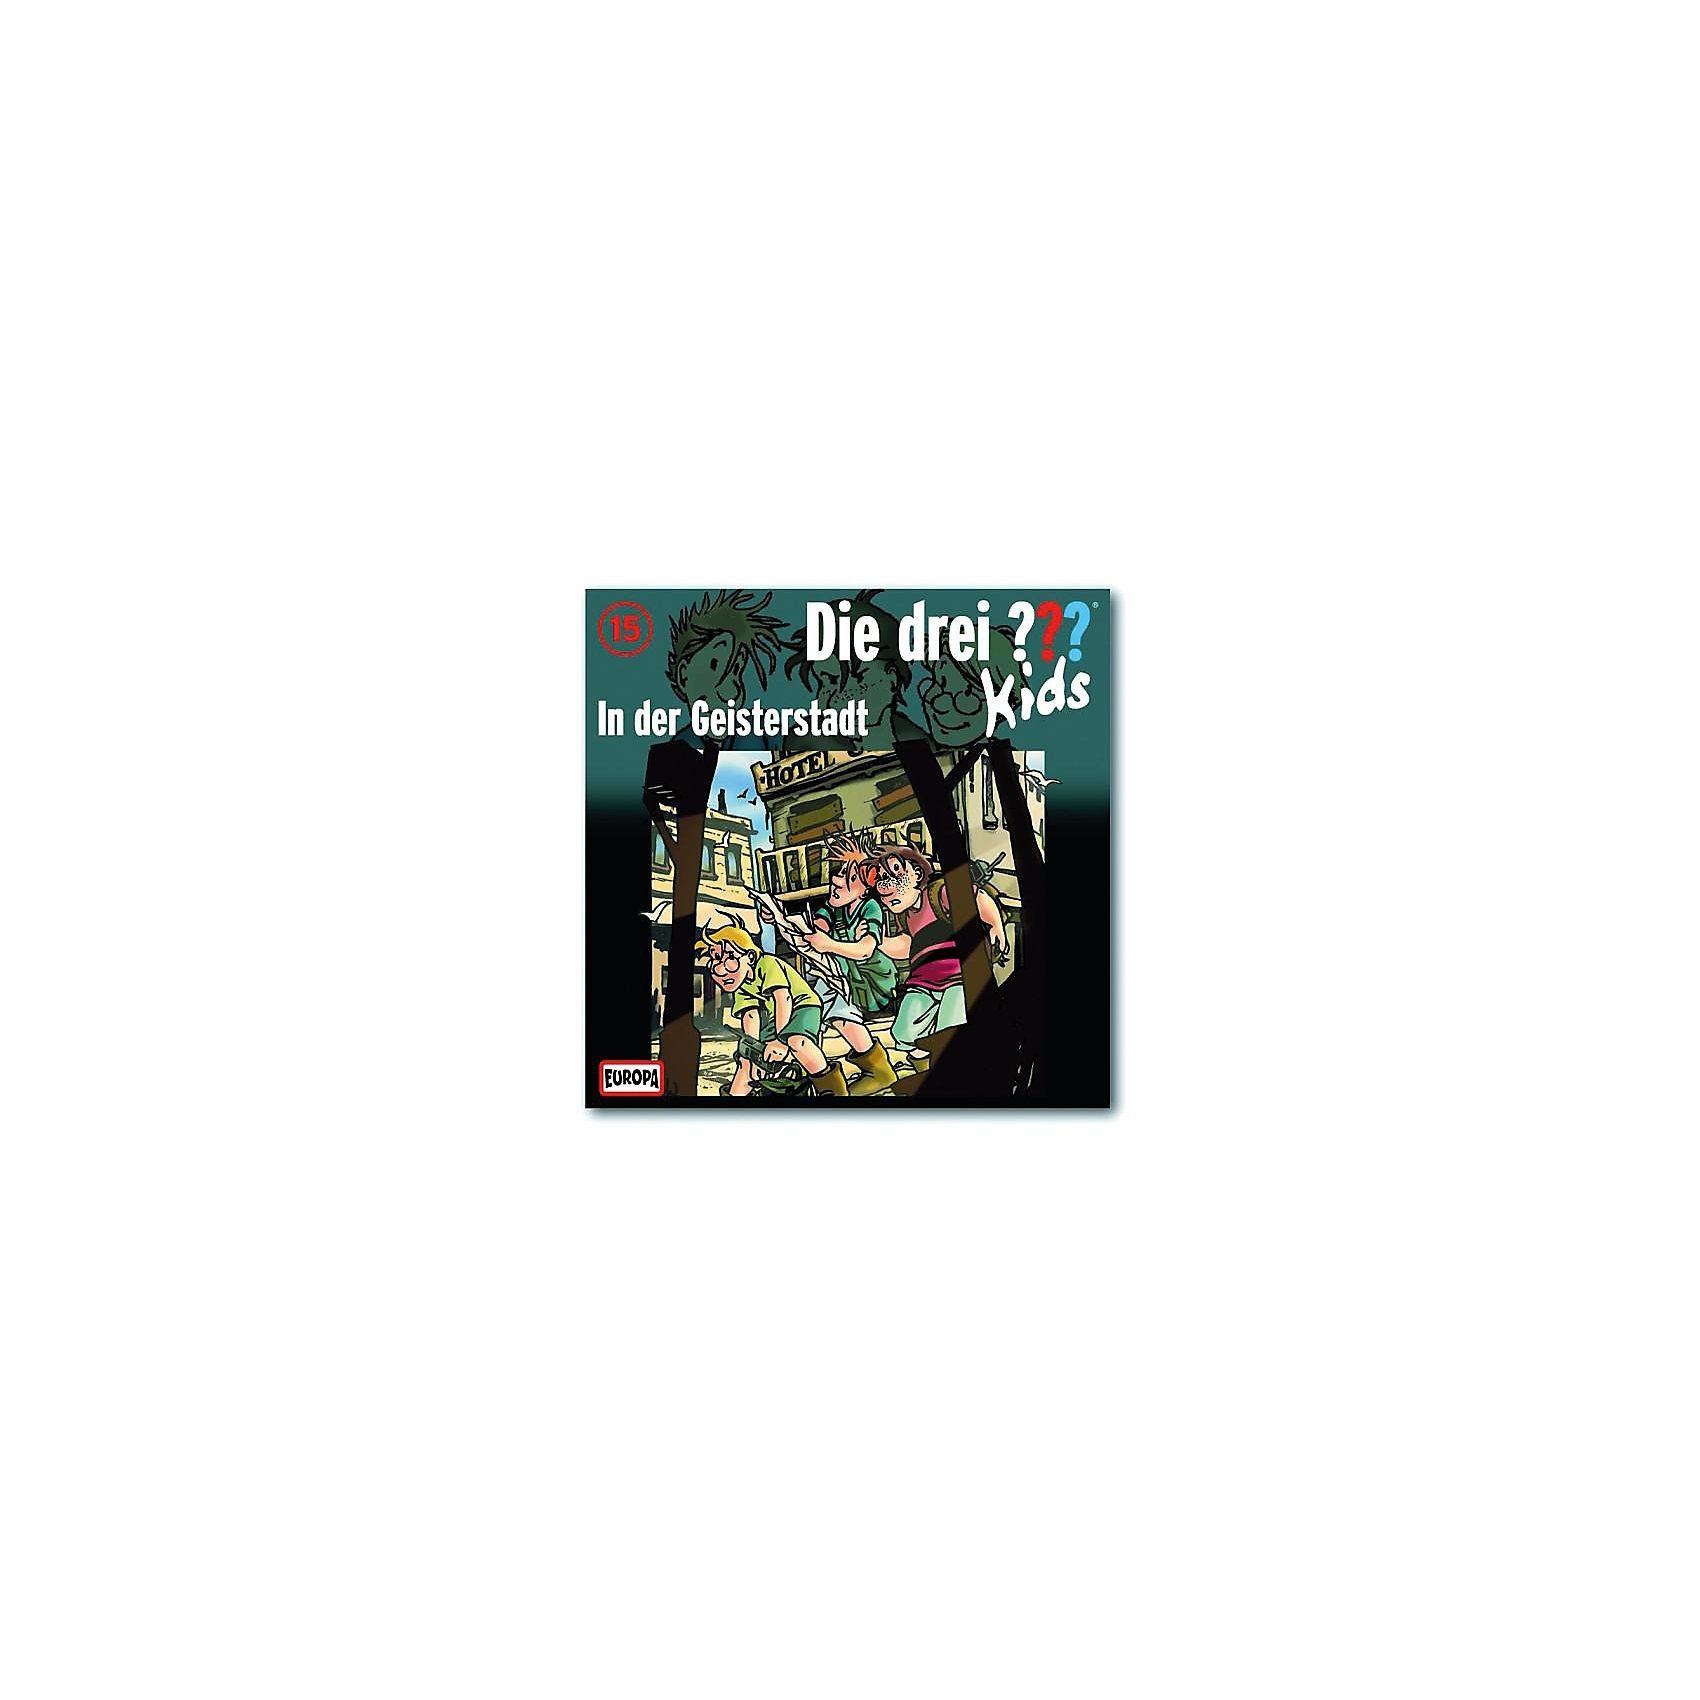 SONY BMG MUSIC CD Die drei ??? Kids 15 - In der Geisterstadt